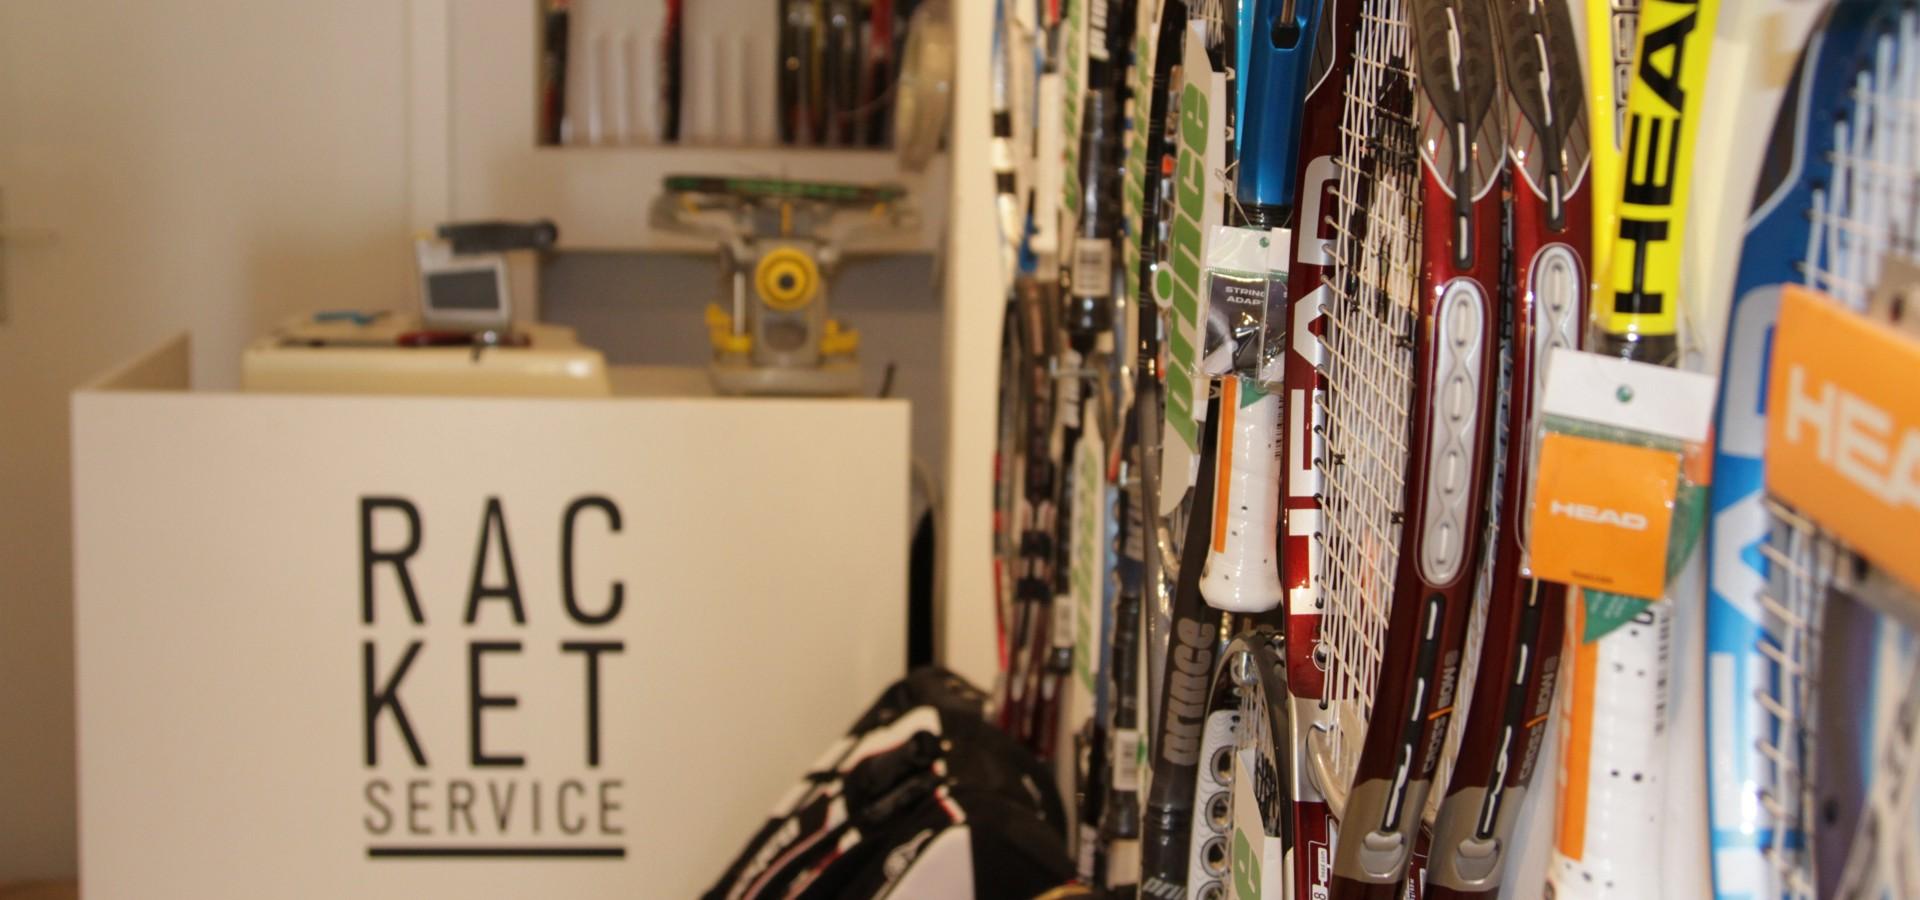 Racquet-service